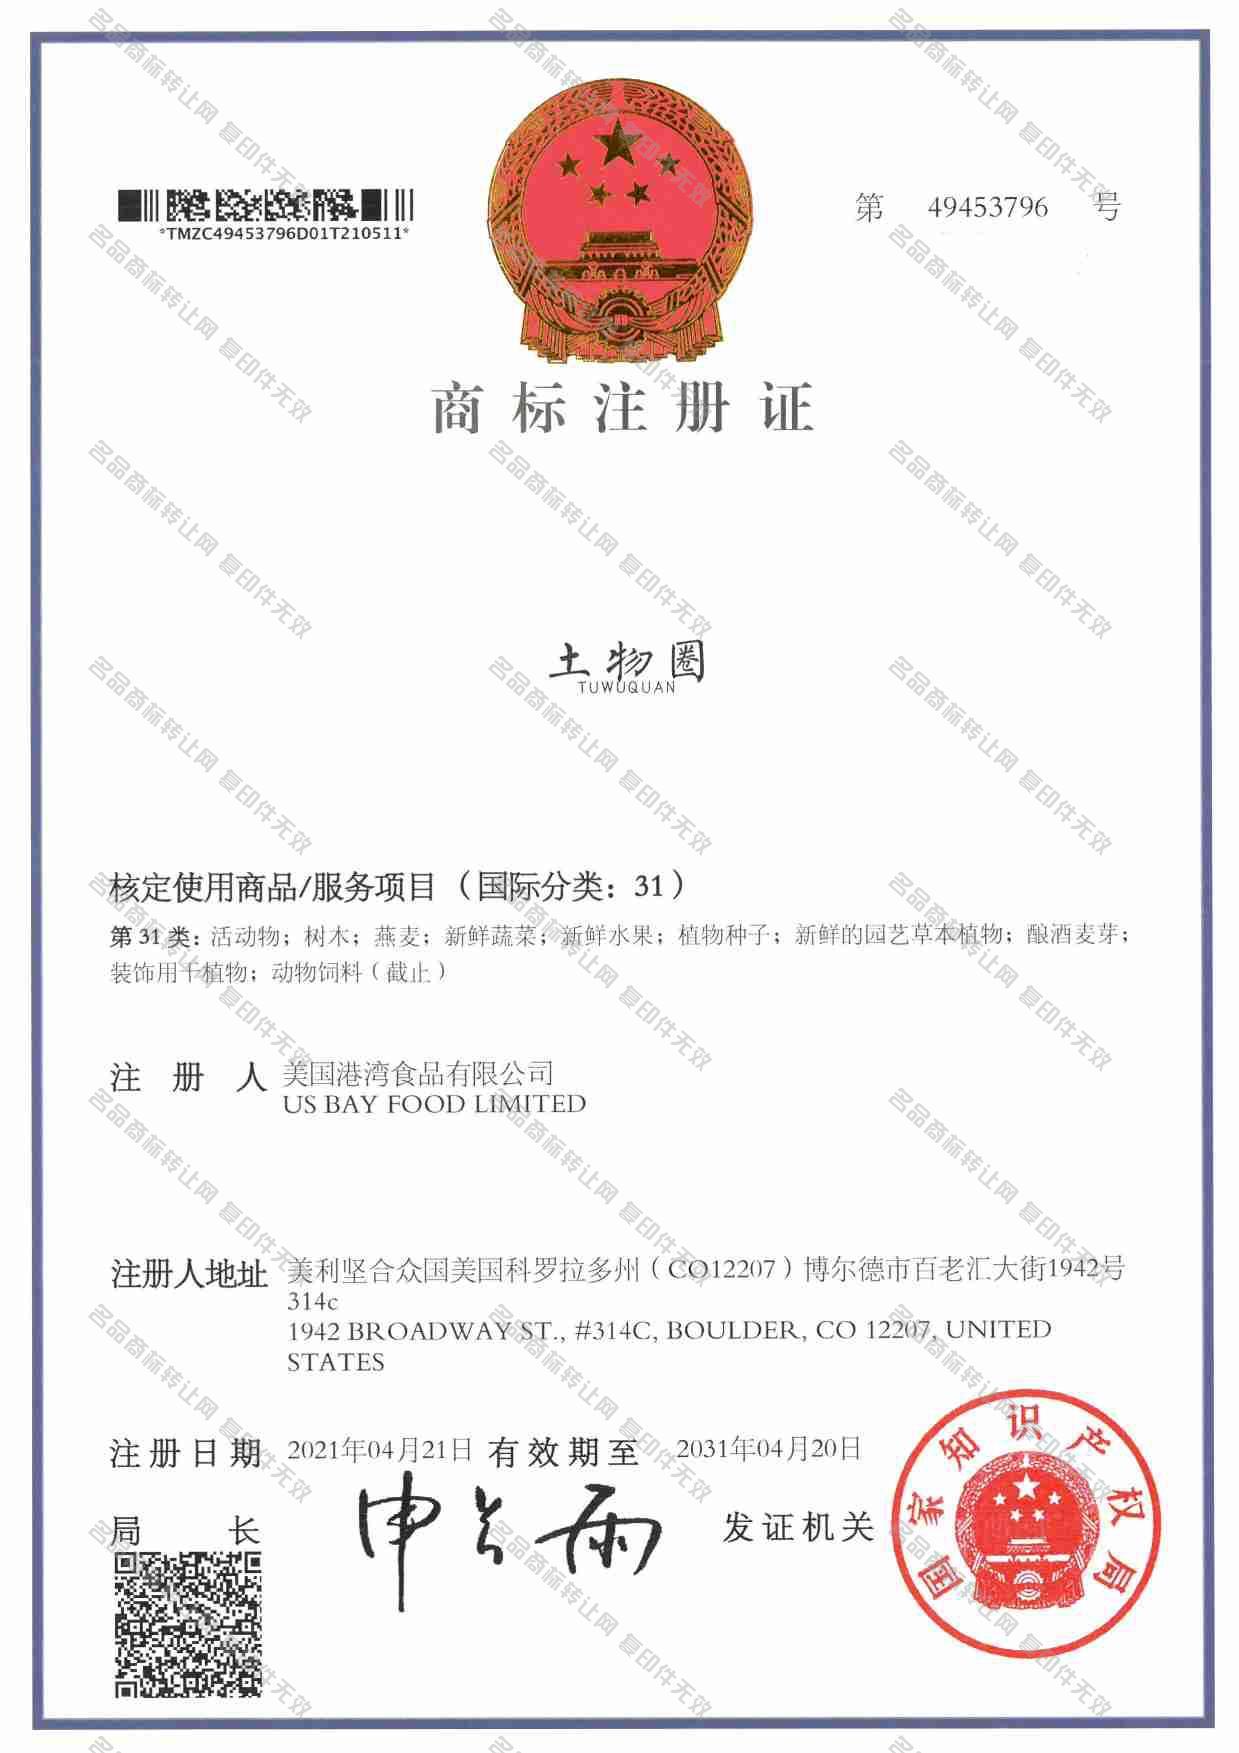 土物圈注册证